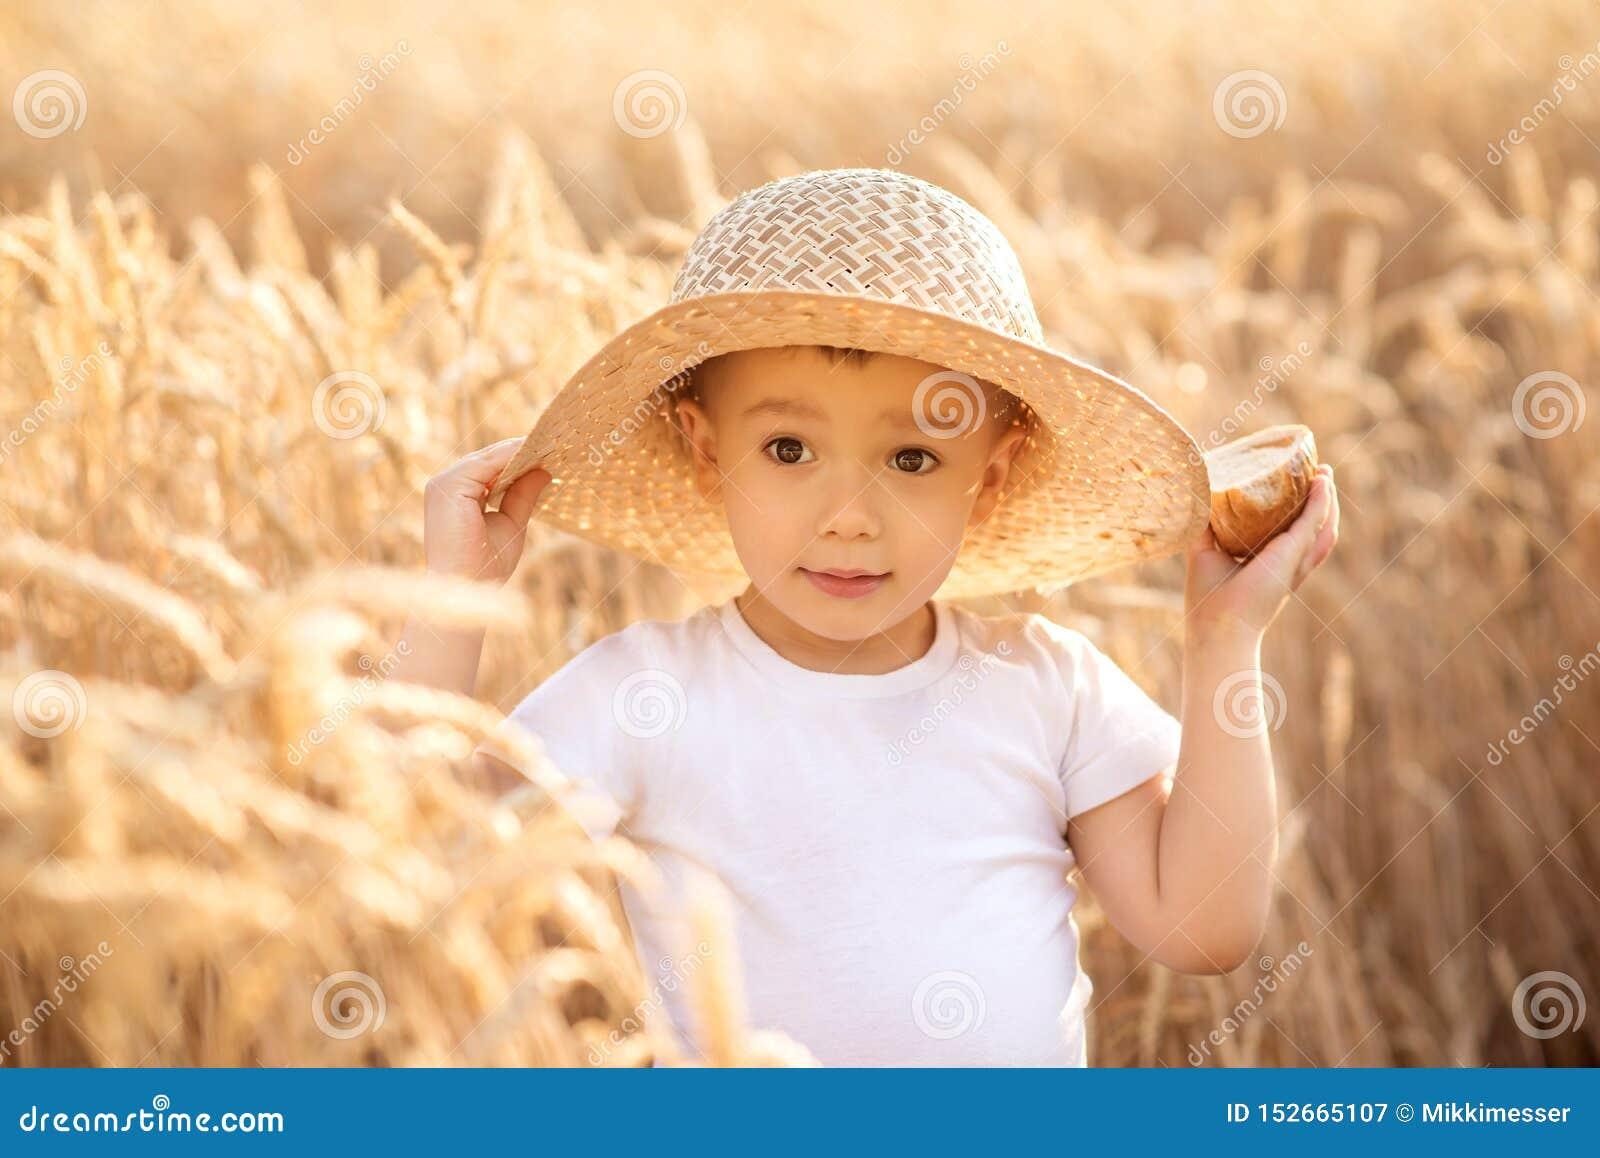 Portret van weinig peuterkind in strohoed die zich op tarwegebied die bevinden onder gouden aren brood van brood houden De zomer